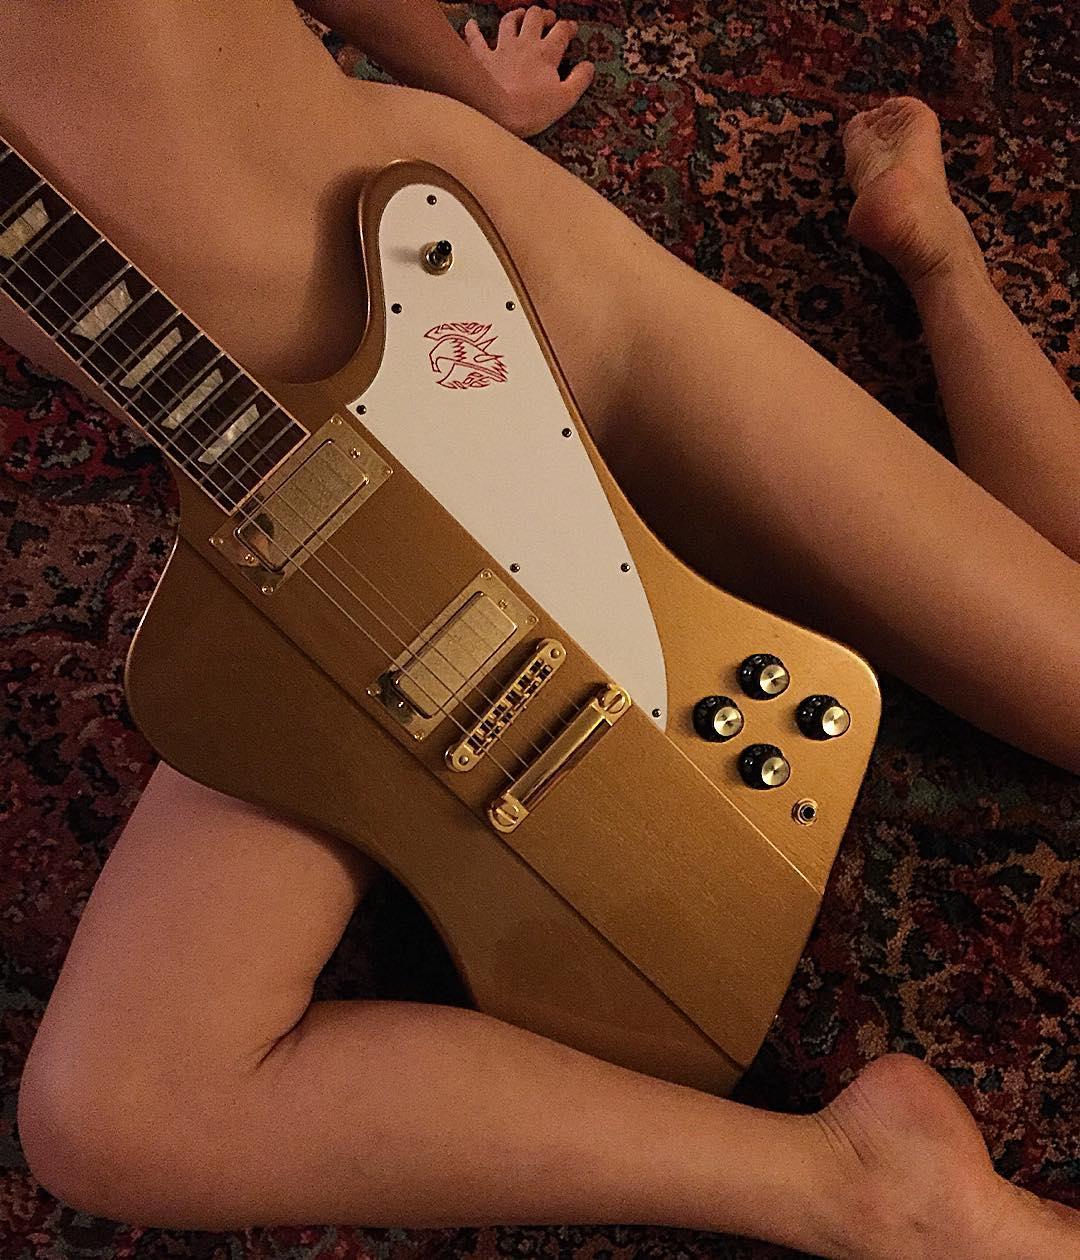 【おっぱい】バンドマンじゃなくても興奮するギターとヌード女性のコラボ画像【43枚】 26